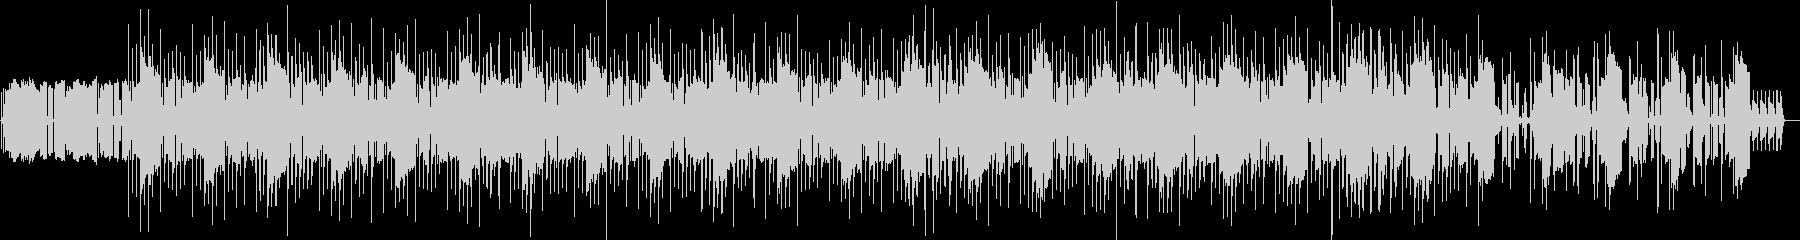 クールなミドルテンポのミニマルテクノの未再生の波形